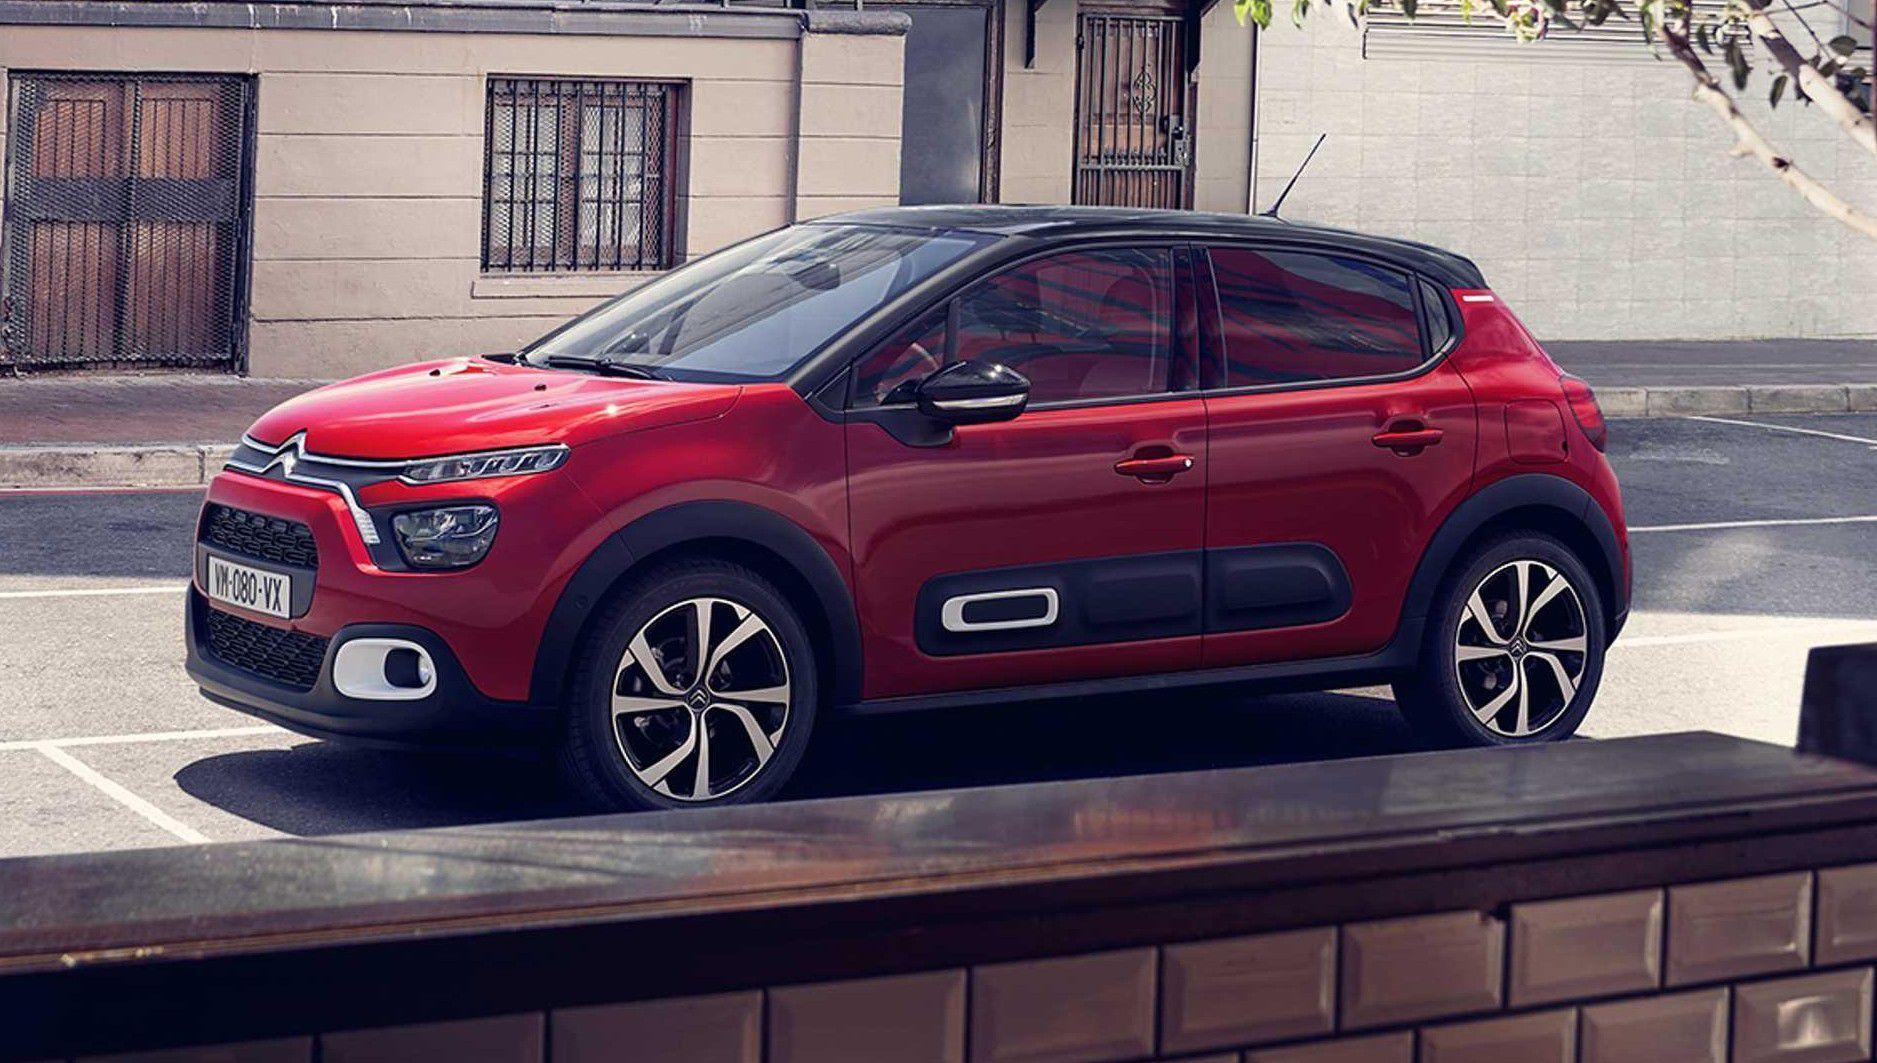 Ecobonus auto al via. Come funziona, su quali modelli, chi può chiederlo